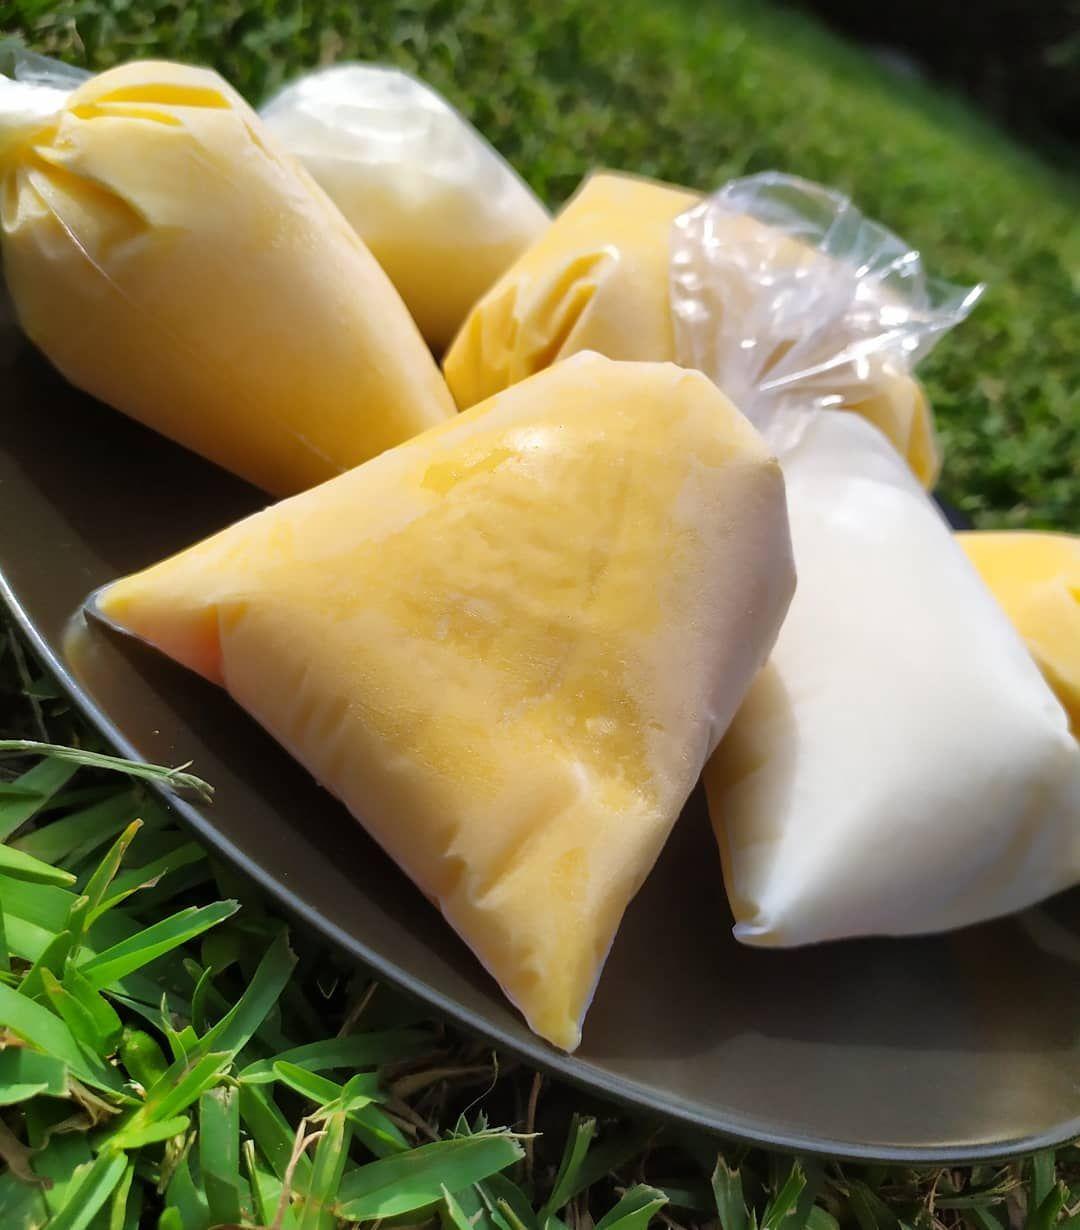 CUBITOS Fit 🤪🤪🤤🤤 quién no es fan??!! A base de leche de coco, fruta natural y probióticos naturales...